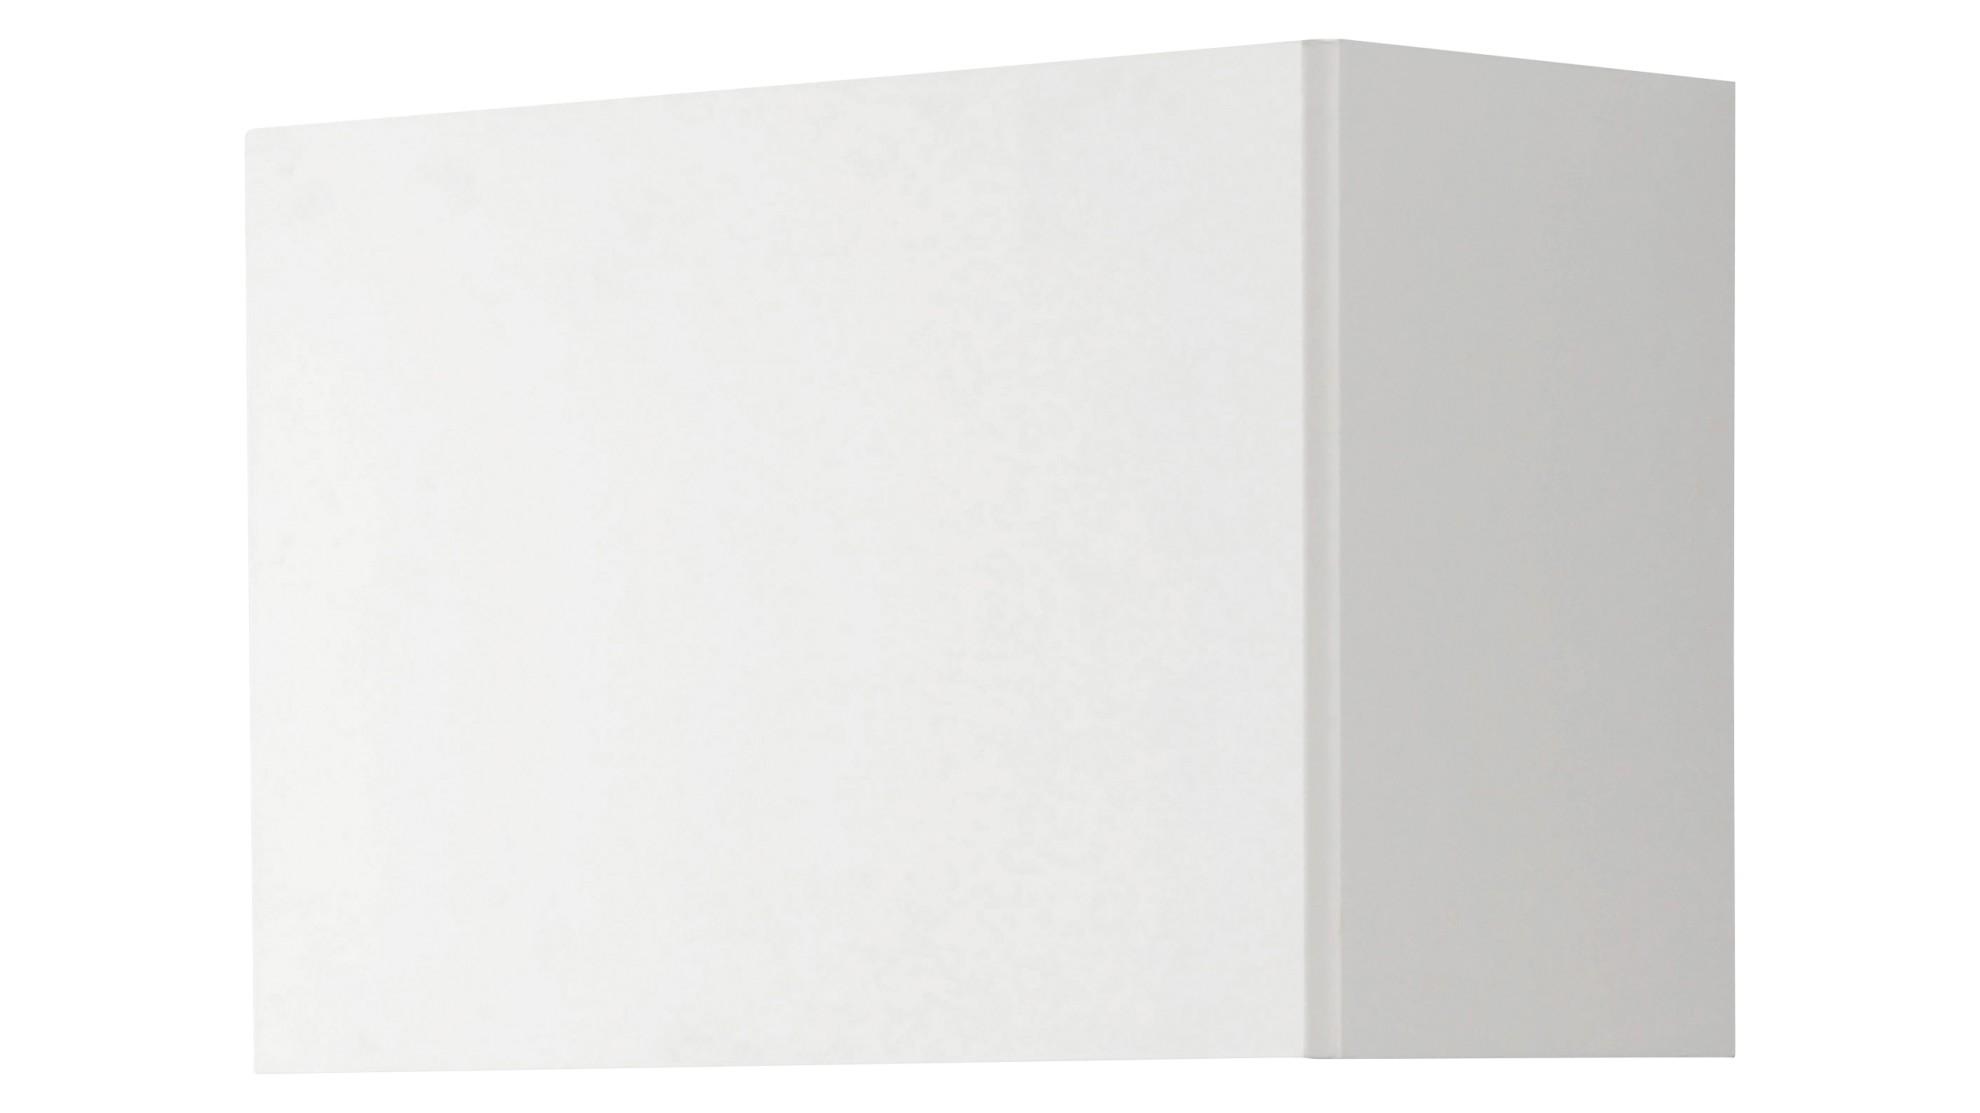 MONACO seinähylly kapea (valkoinen)  Seinähyllyt  Sotka